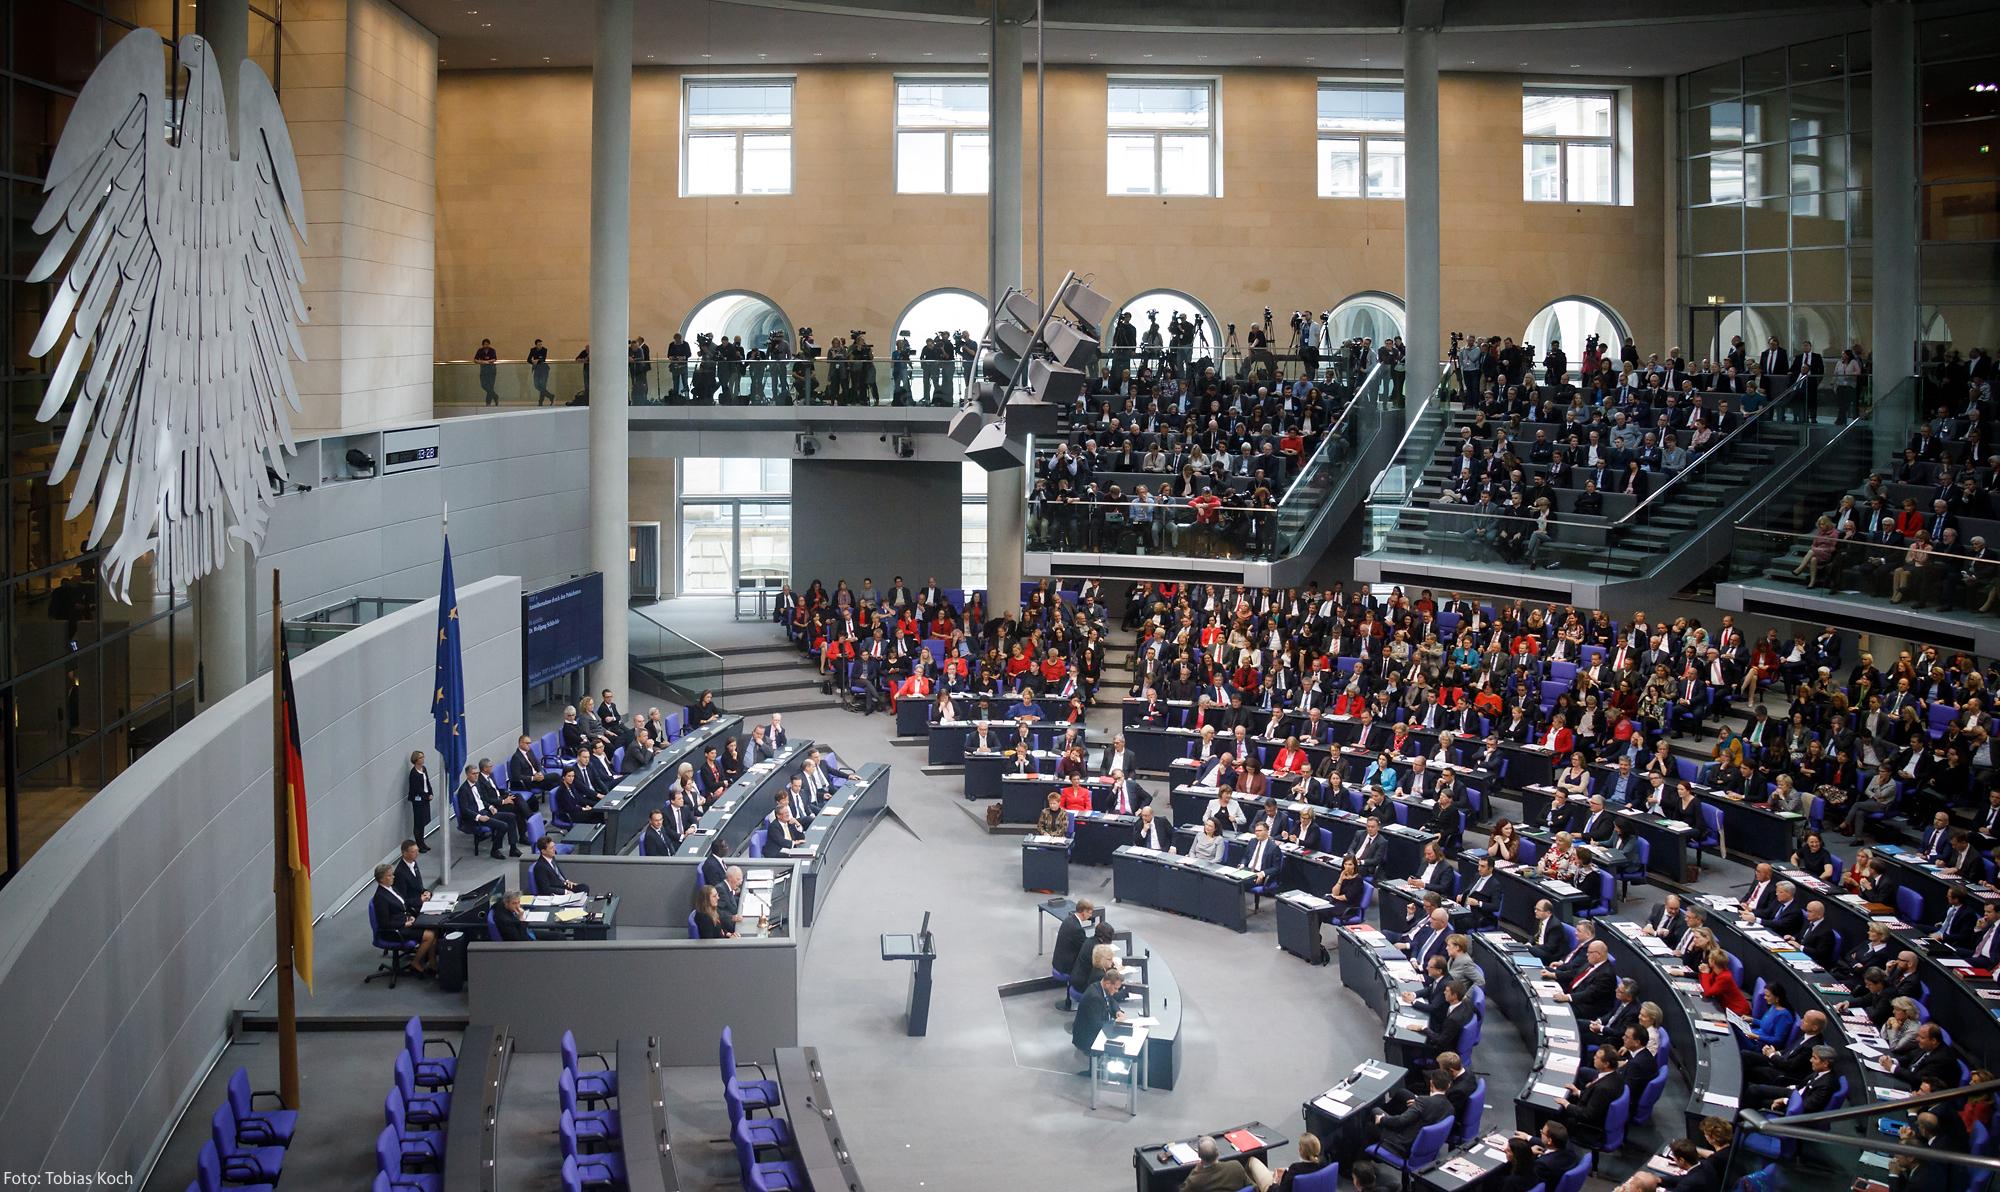 Duitse motie bestempelt BDS beweging als antisemitisch